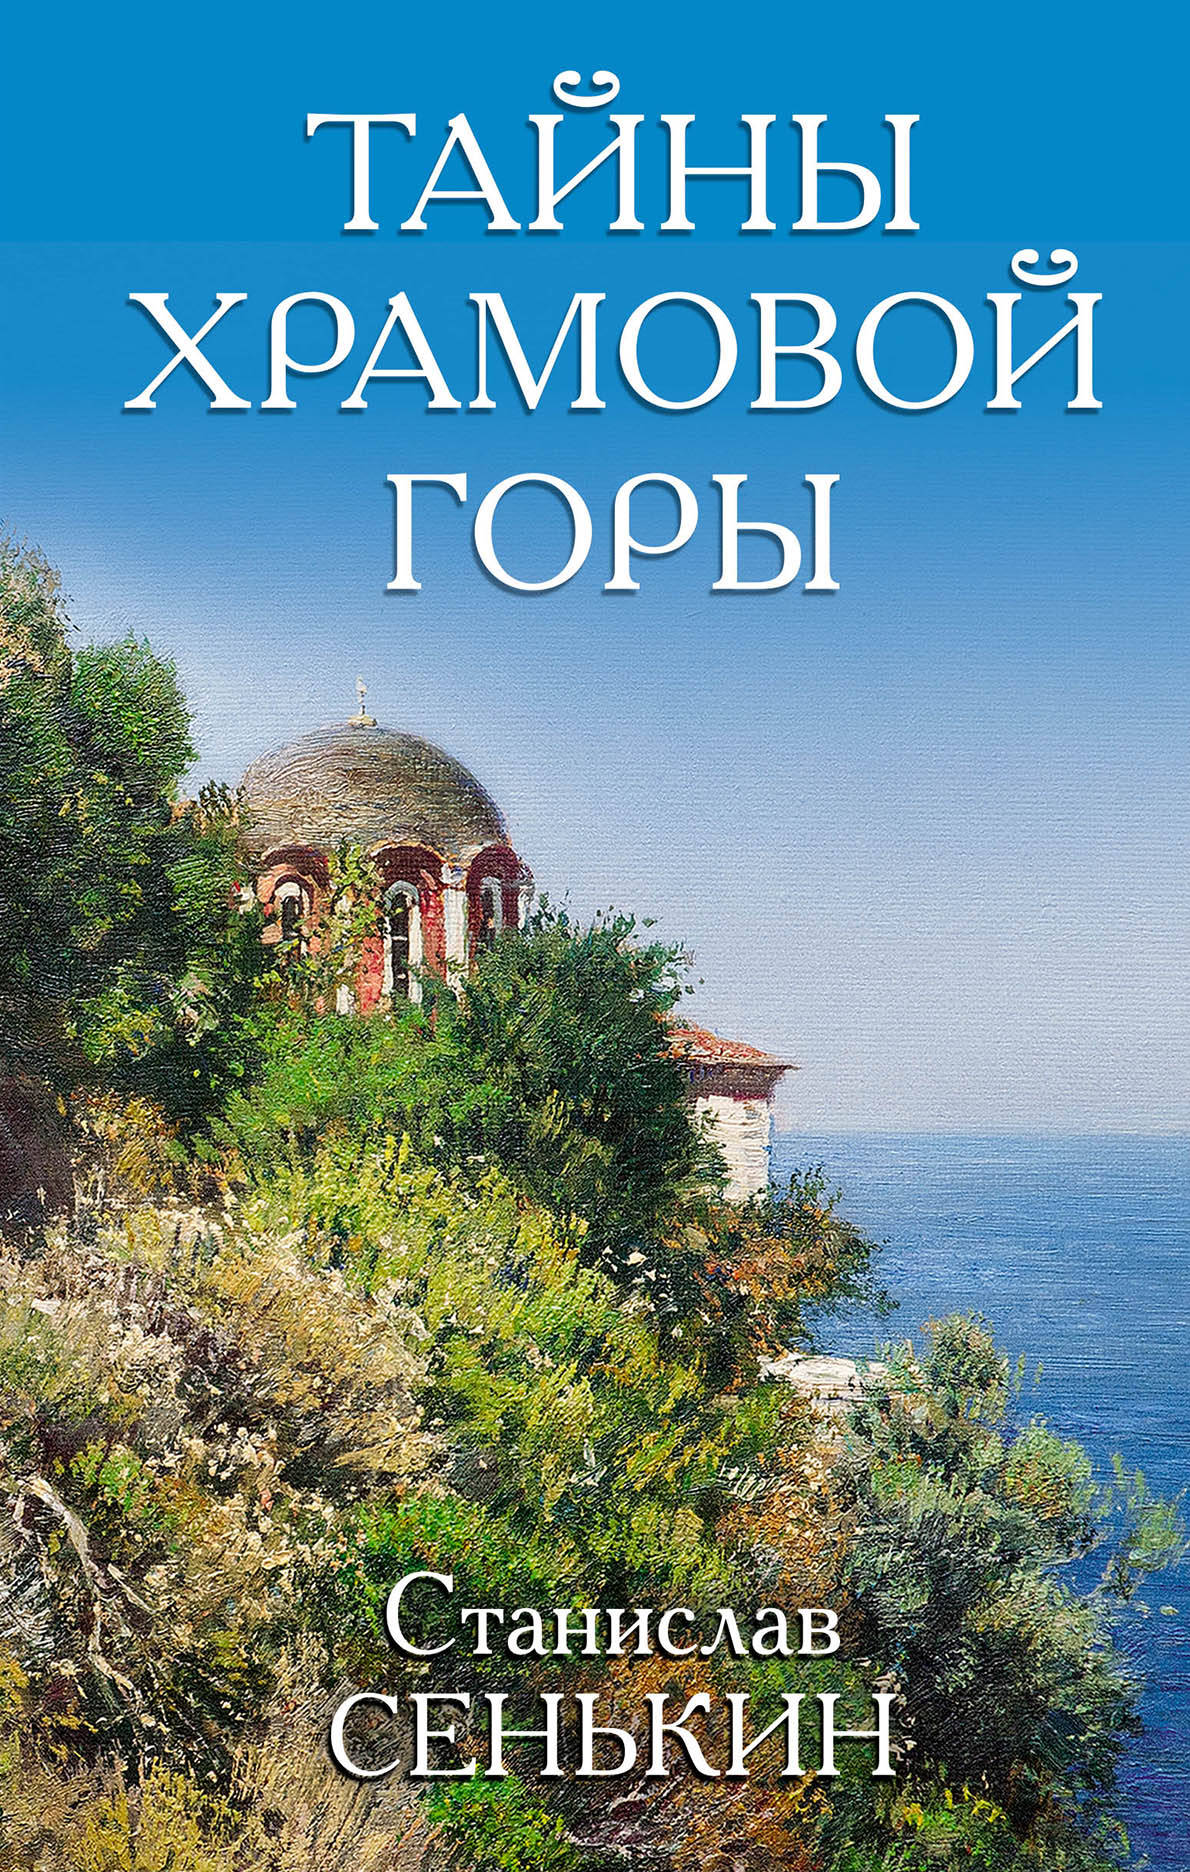 м в страдания христа и страдания церкви Станислав Сенькин Тайны Храмовой горы